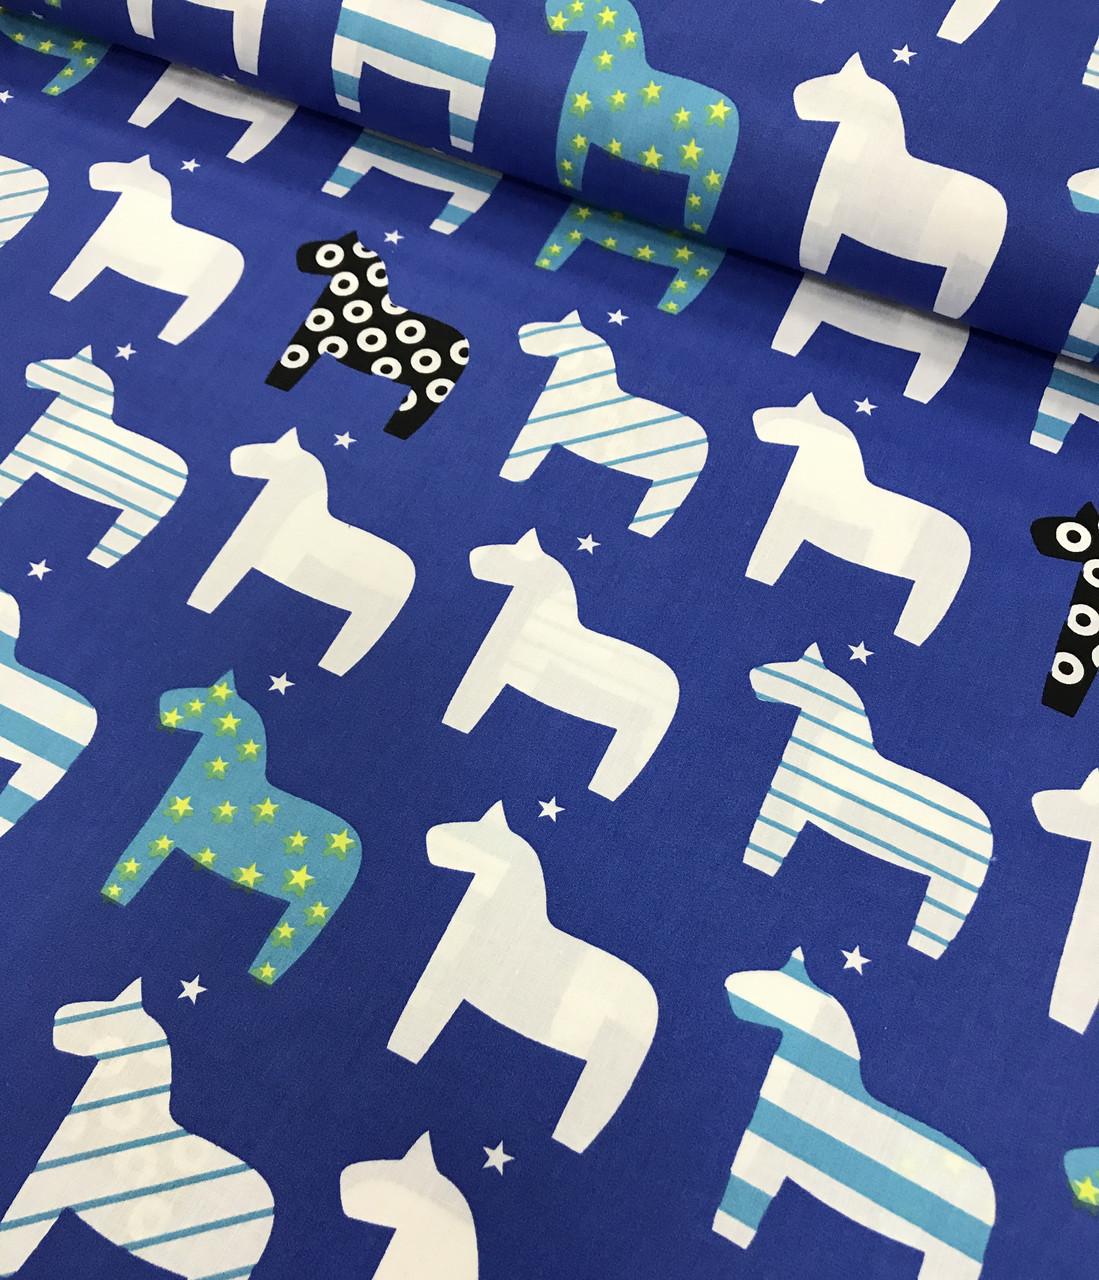 Хлопковая ткань польская лошадки бело-синие на синем №442